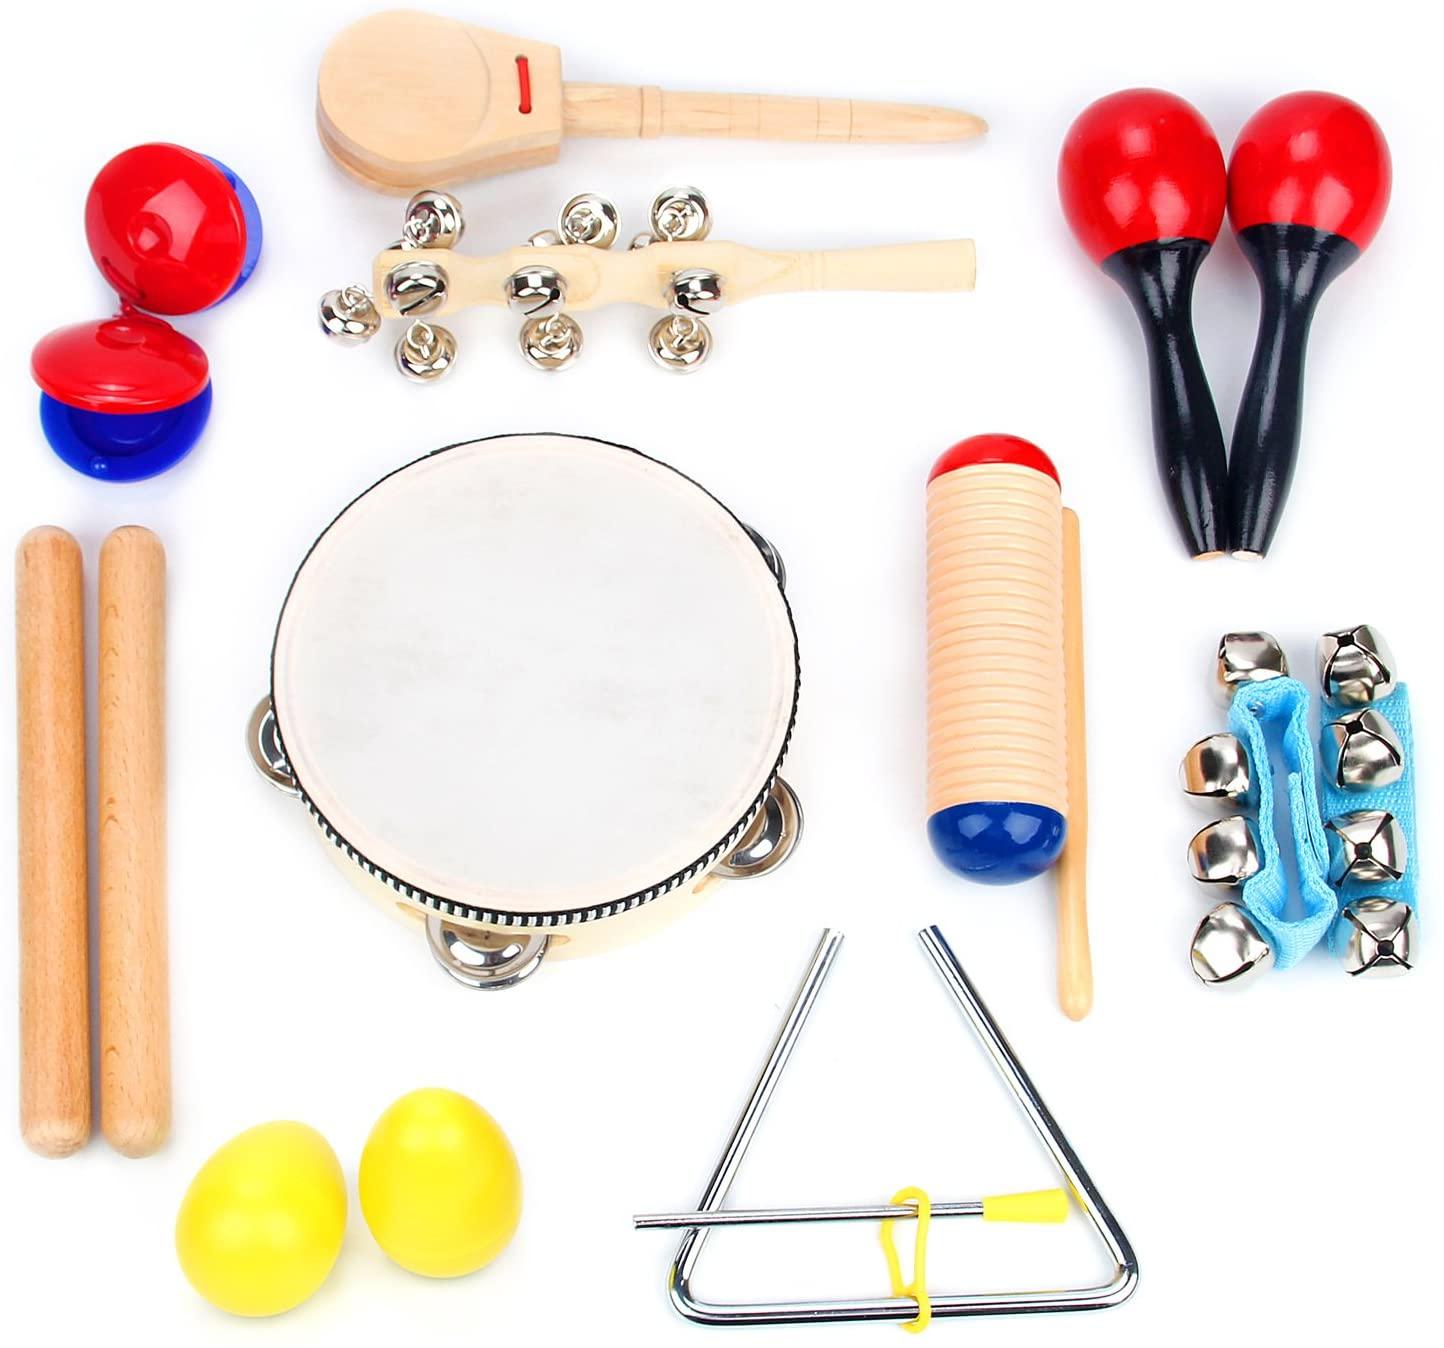 เด็กวัยหัดเดินการศึกษาดนตรีเครื่องดนตรีสำหรับเด็กเด็กเครื่องดนตรีชุดกลอง,Maracas